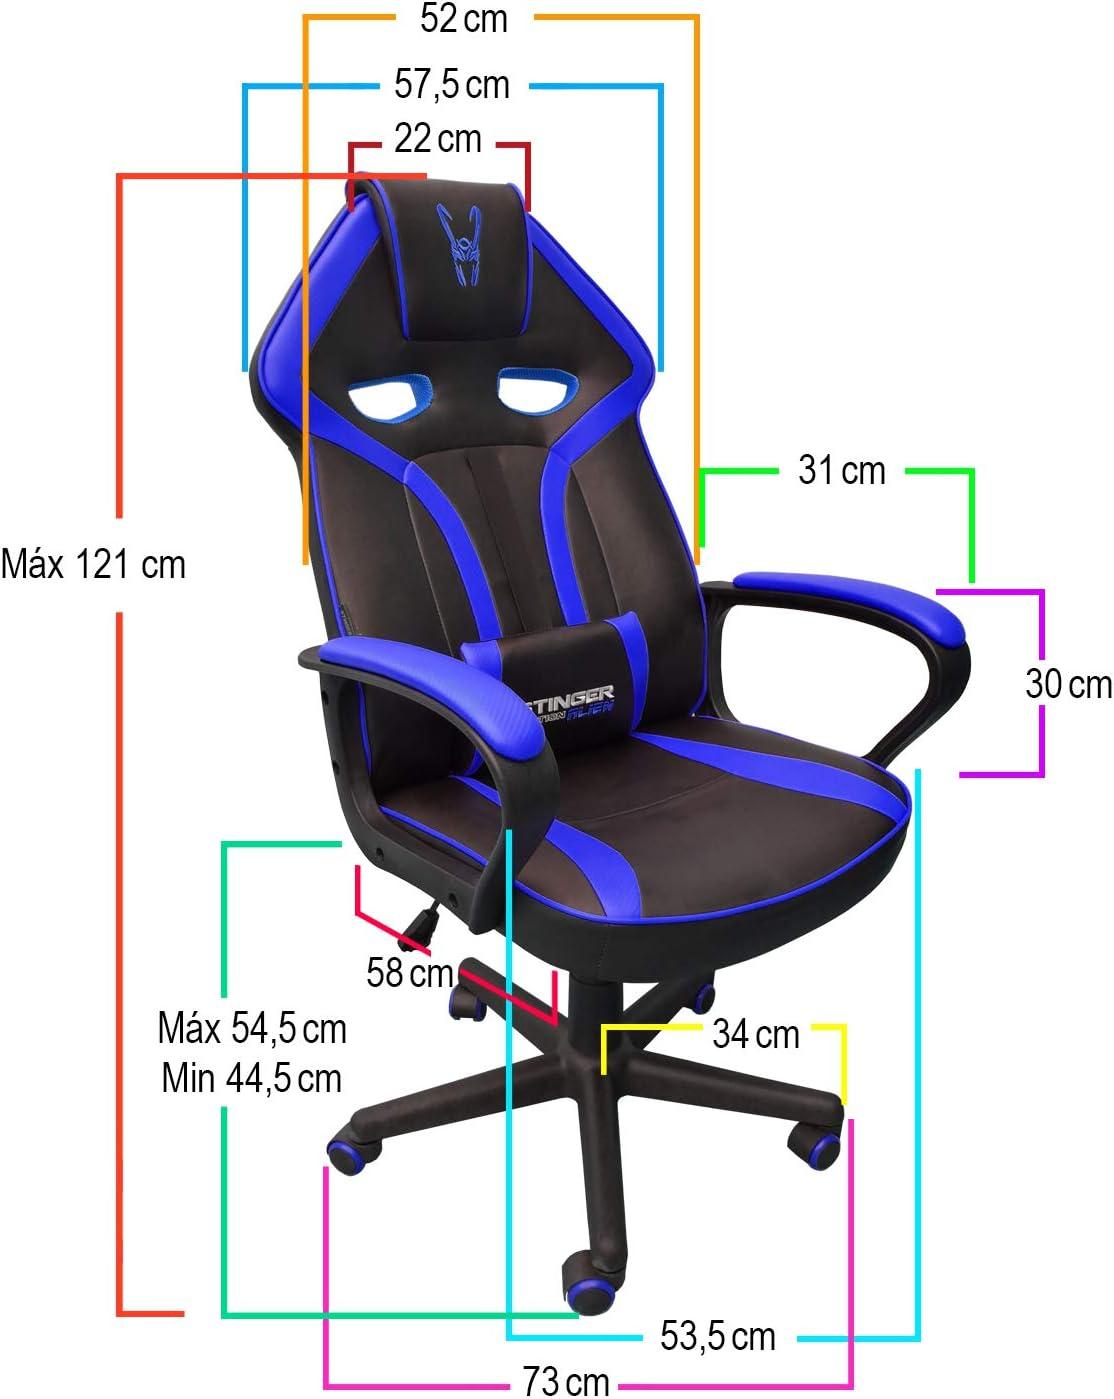 /sedia da scrivania//Gaming Stinger Station Alien Blue/ colore blu Pelle sintetica, cuscino lombare, Braccioli, poggiatesta imbottito, altezza regolabile